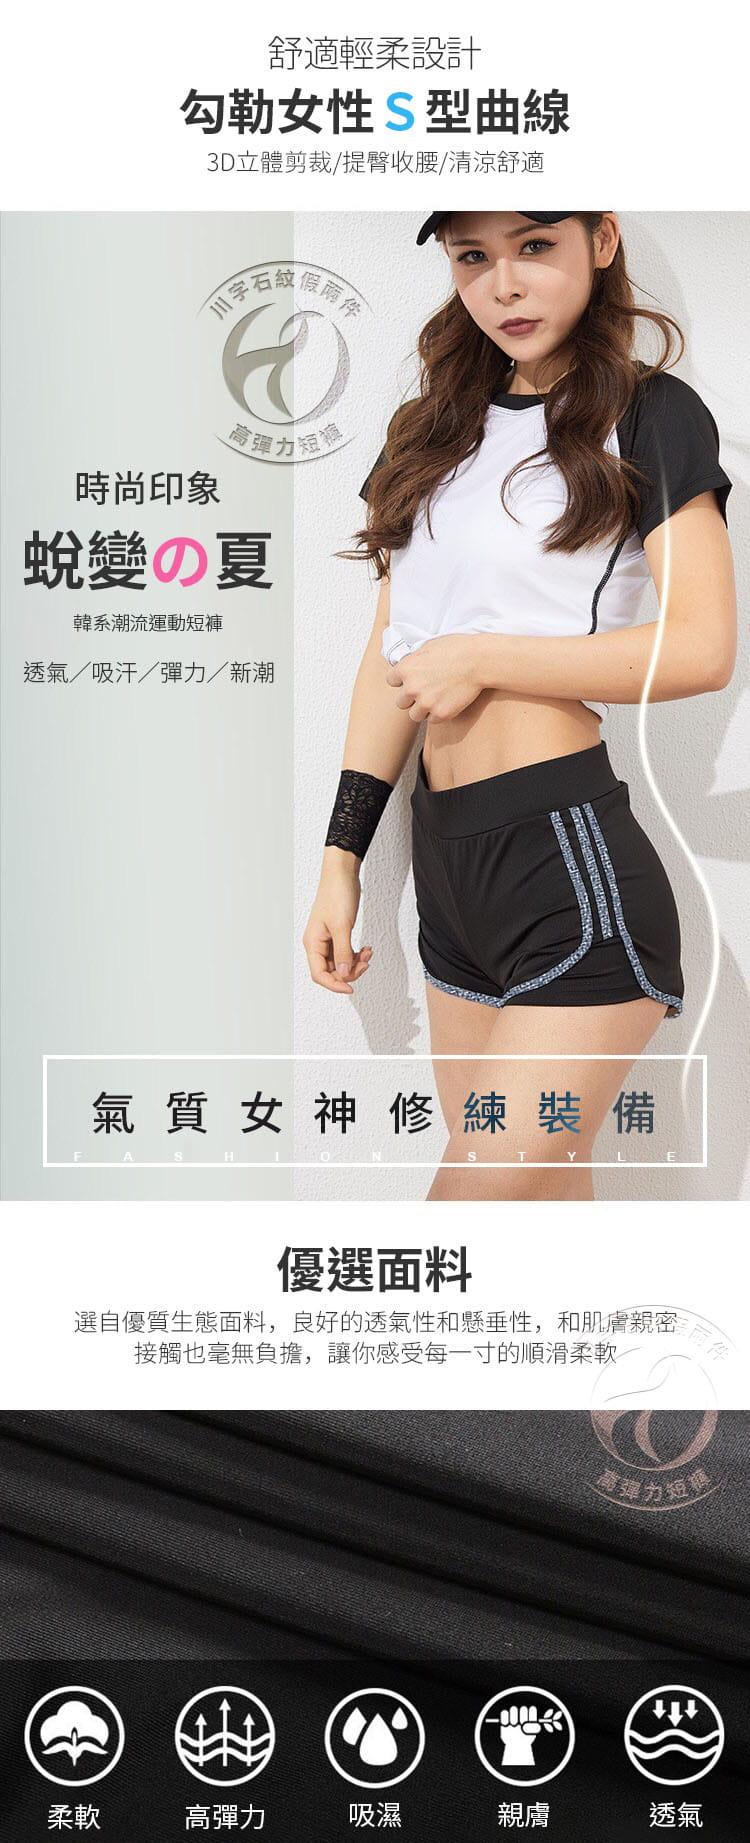 川字石紋假兩件高彈力短褲 8